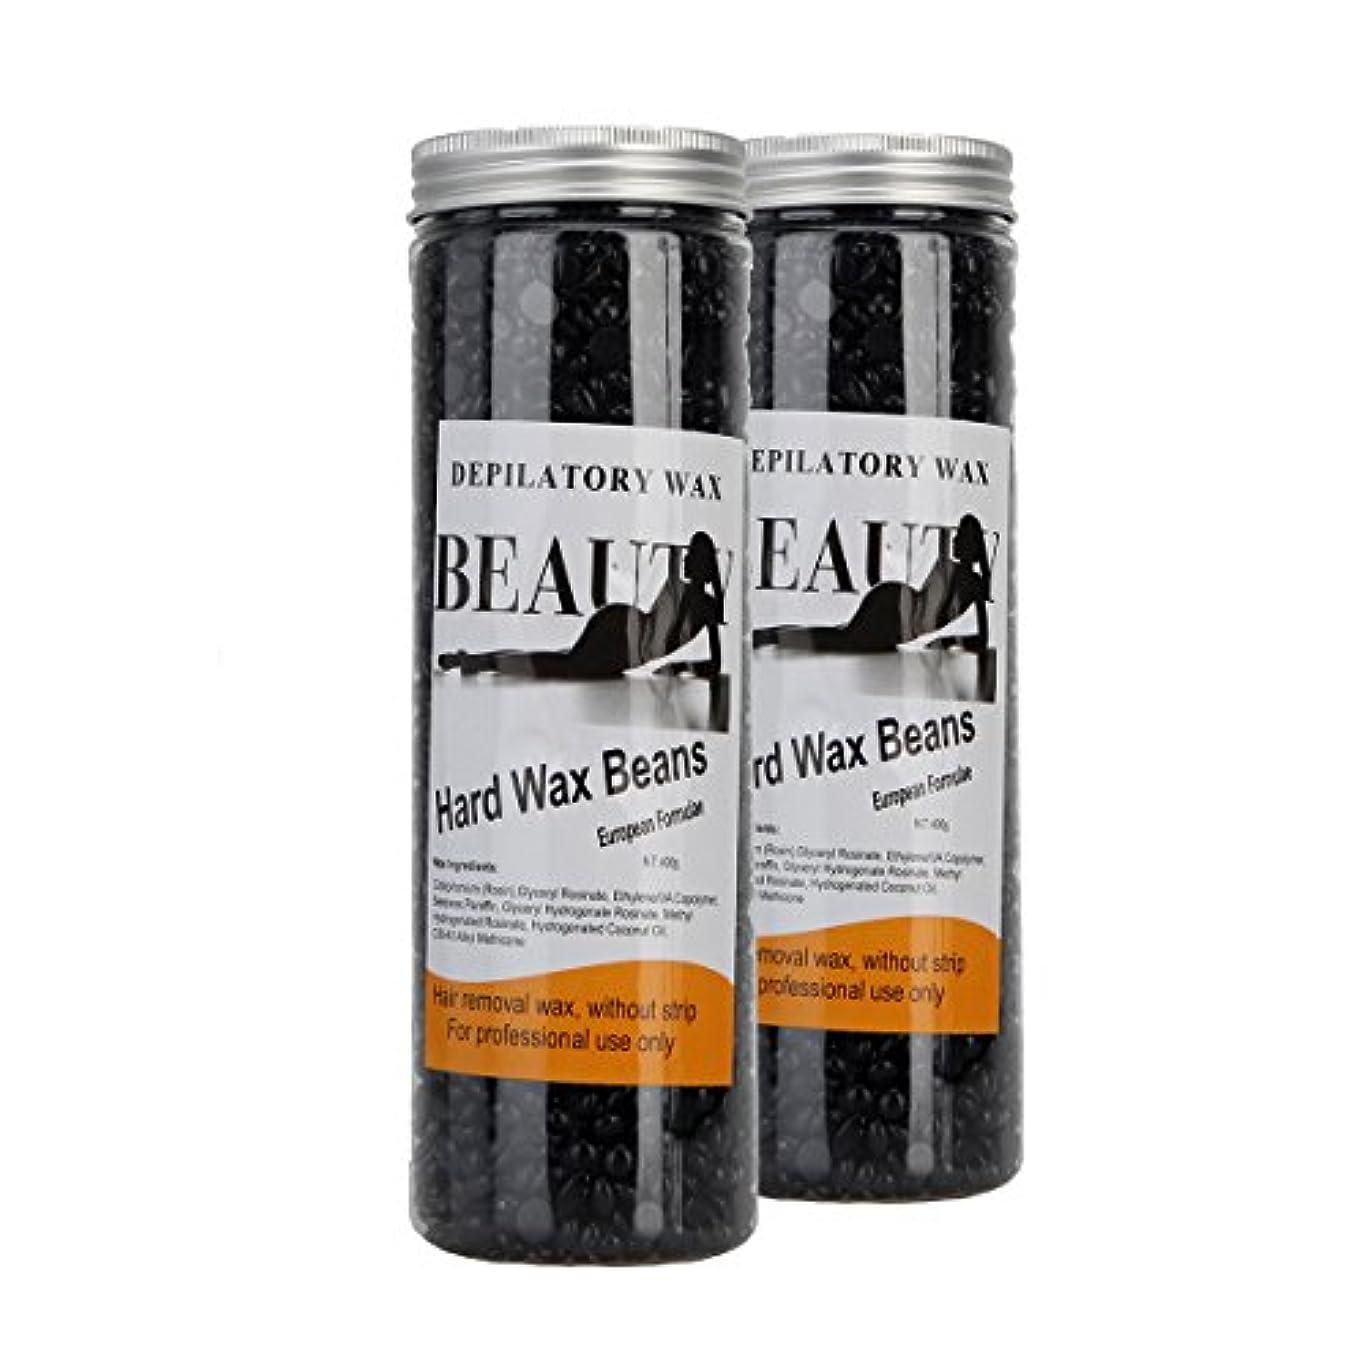 とは異なり超音速くびれた(アーニェメイ)Bonjanvye ワックス脱毛 キット 400g 2缶 脱毛ワックス ハード ブラジリアンワックス ハード 粒-ブラック